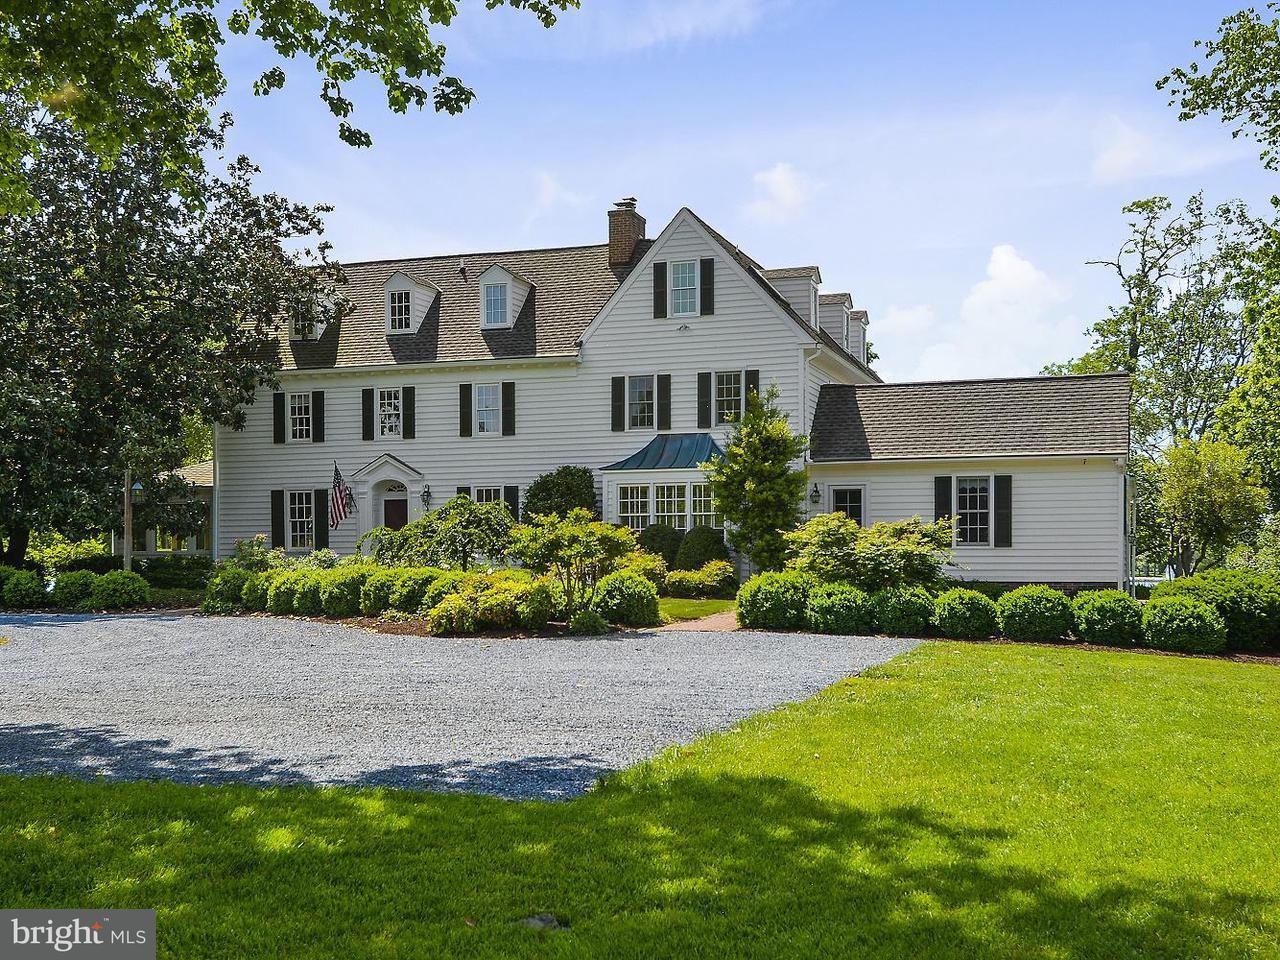 獨棟家庭住宅 為 出售 在 27134 ENNISKILLEN Road 27134 ENNISKILLEN Road Easton, 馬里蘭州 21601 美國